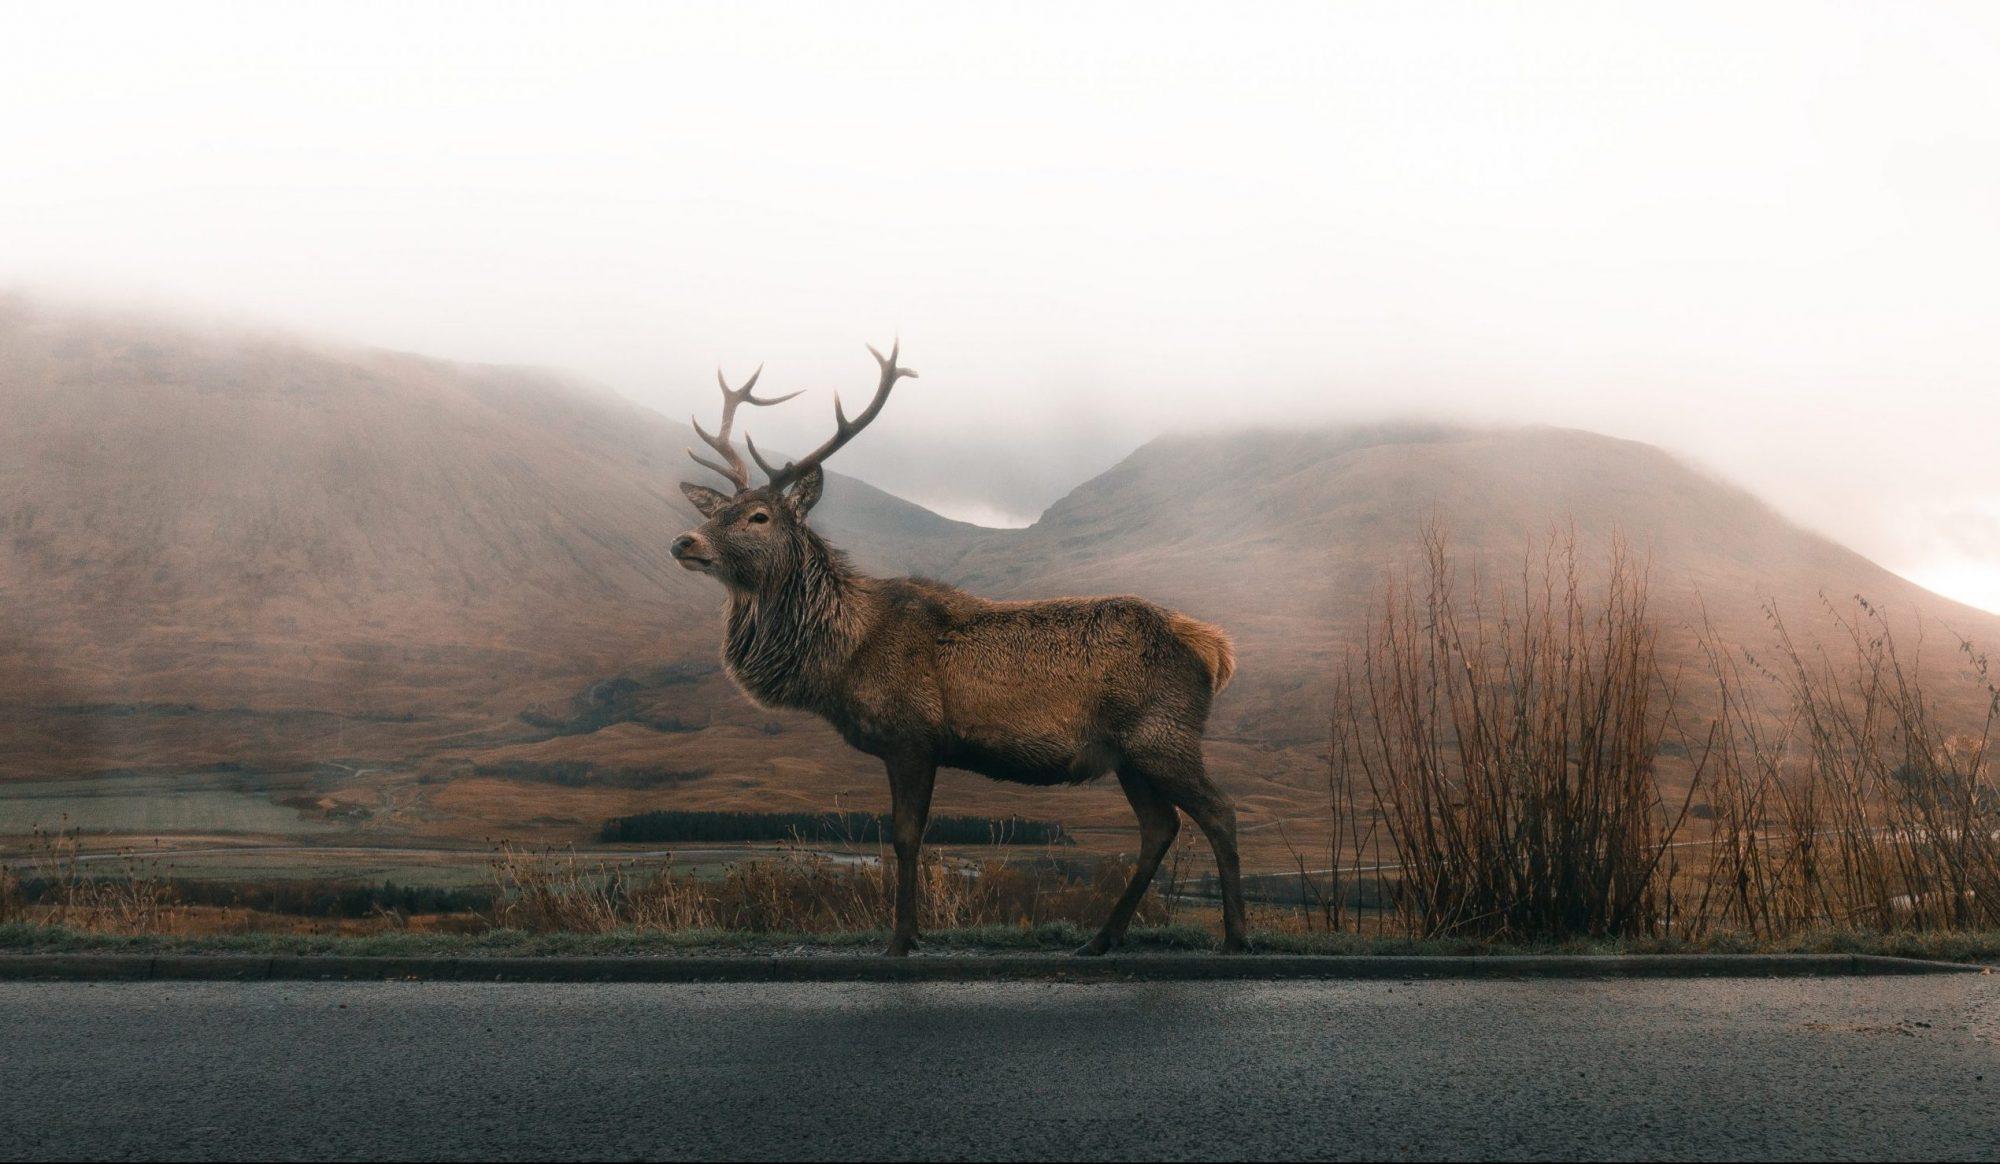 En hjort går langs veikanten i tåke en våt høstkveld. Fjellene skimter i bakgrunn.